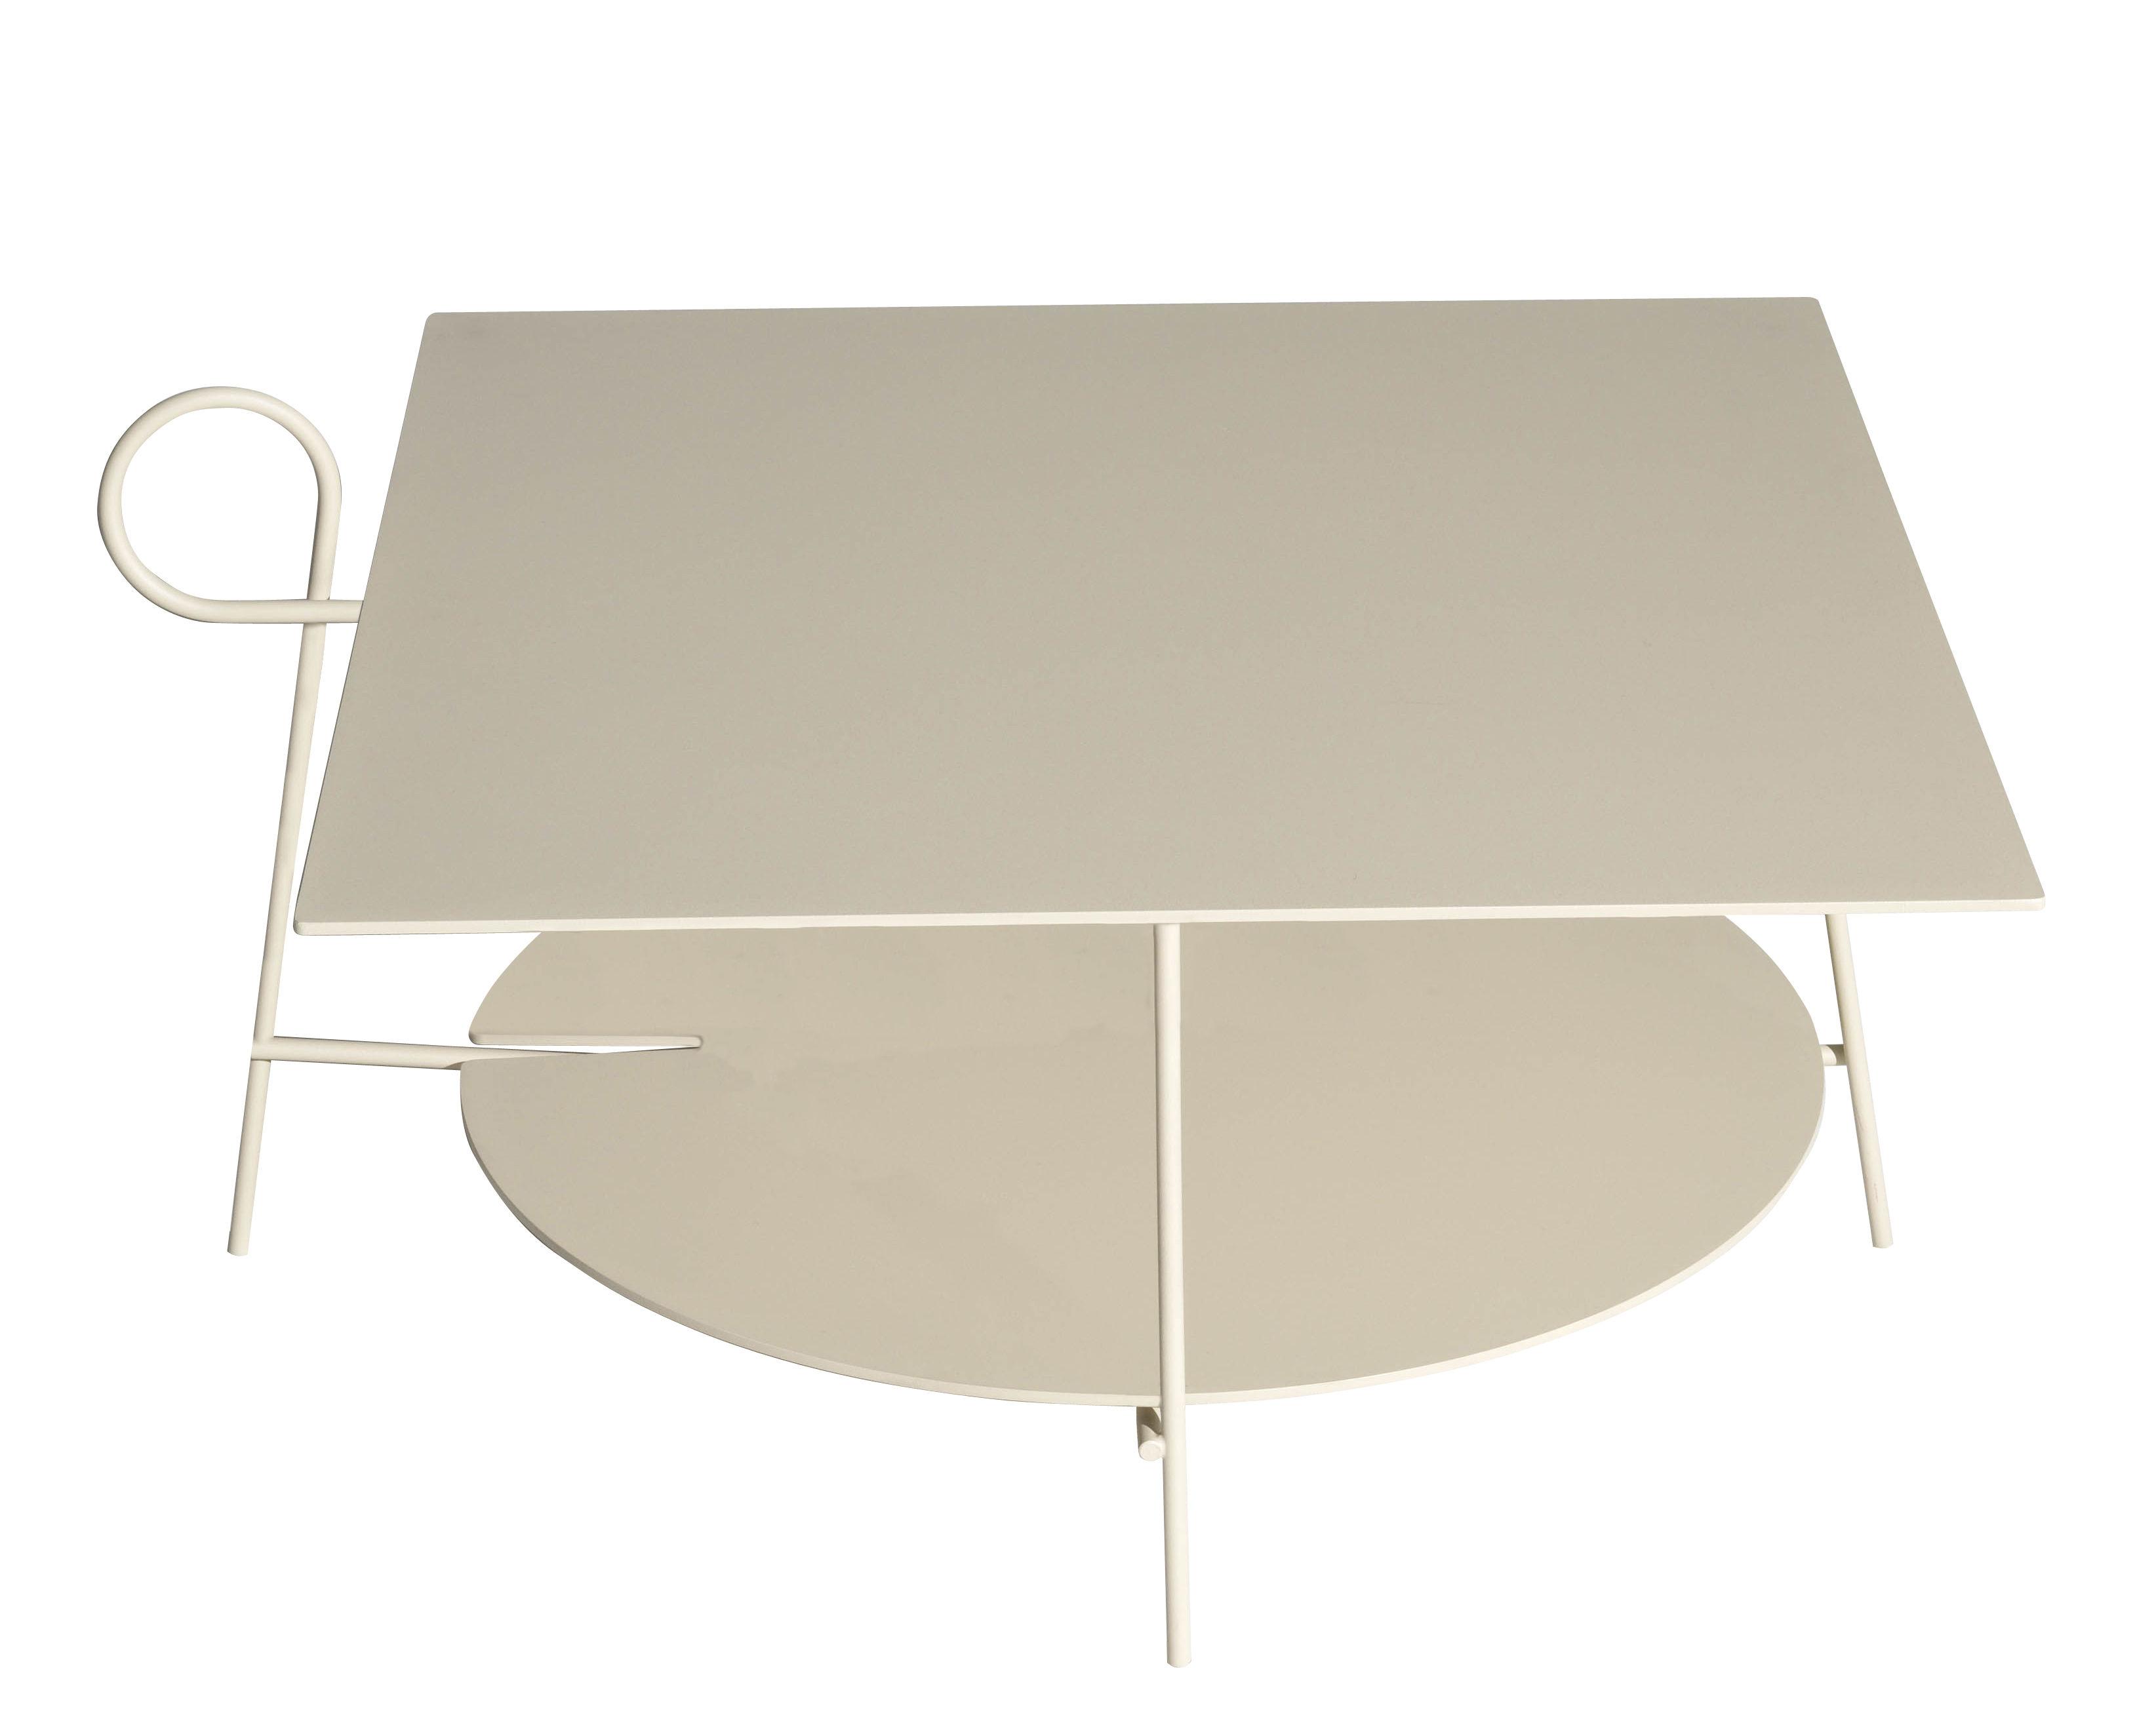 Möbel - Couchtische - Carmina Couchtisch / 70 x 70 x H 43 cm - Driade - Sandfarben - Aluminium époxy, Stahl